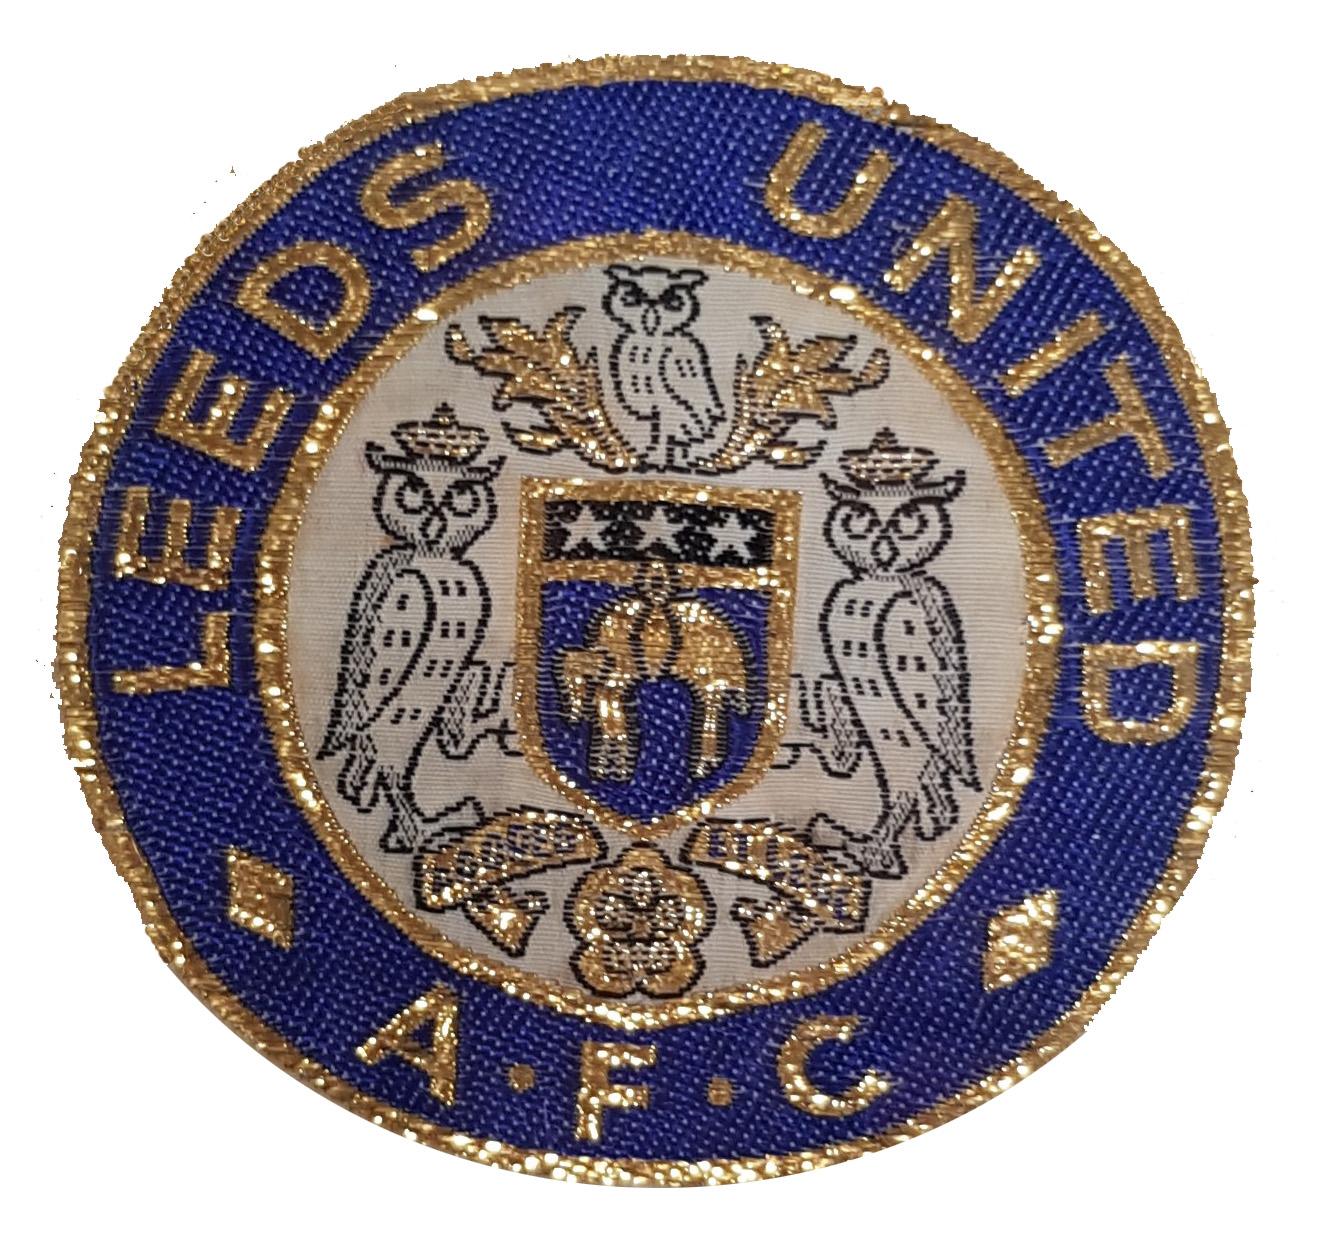 Leeds United Sew-On Badge